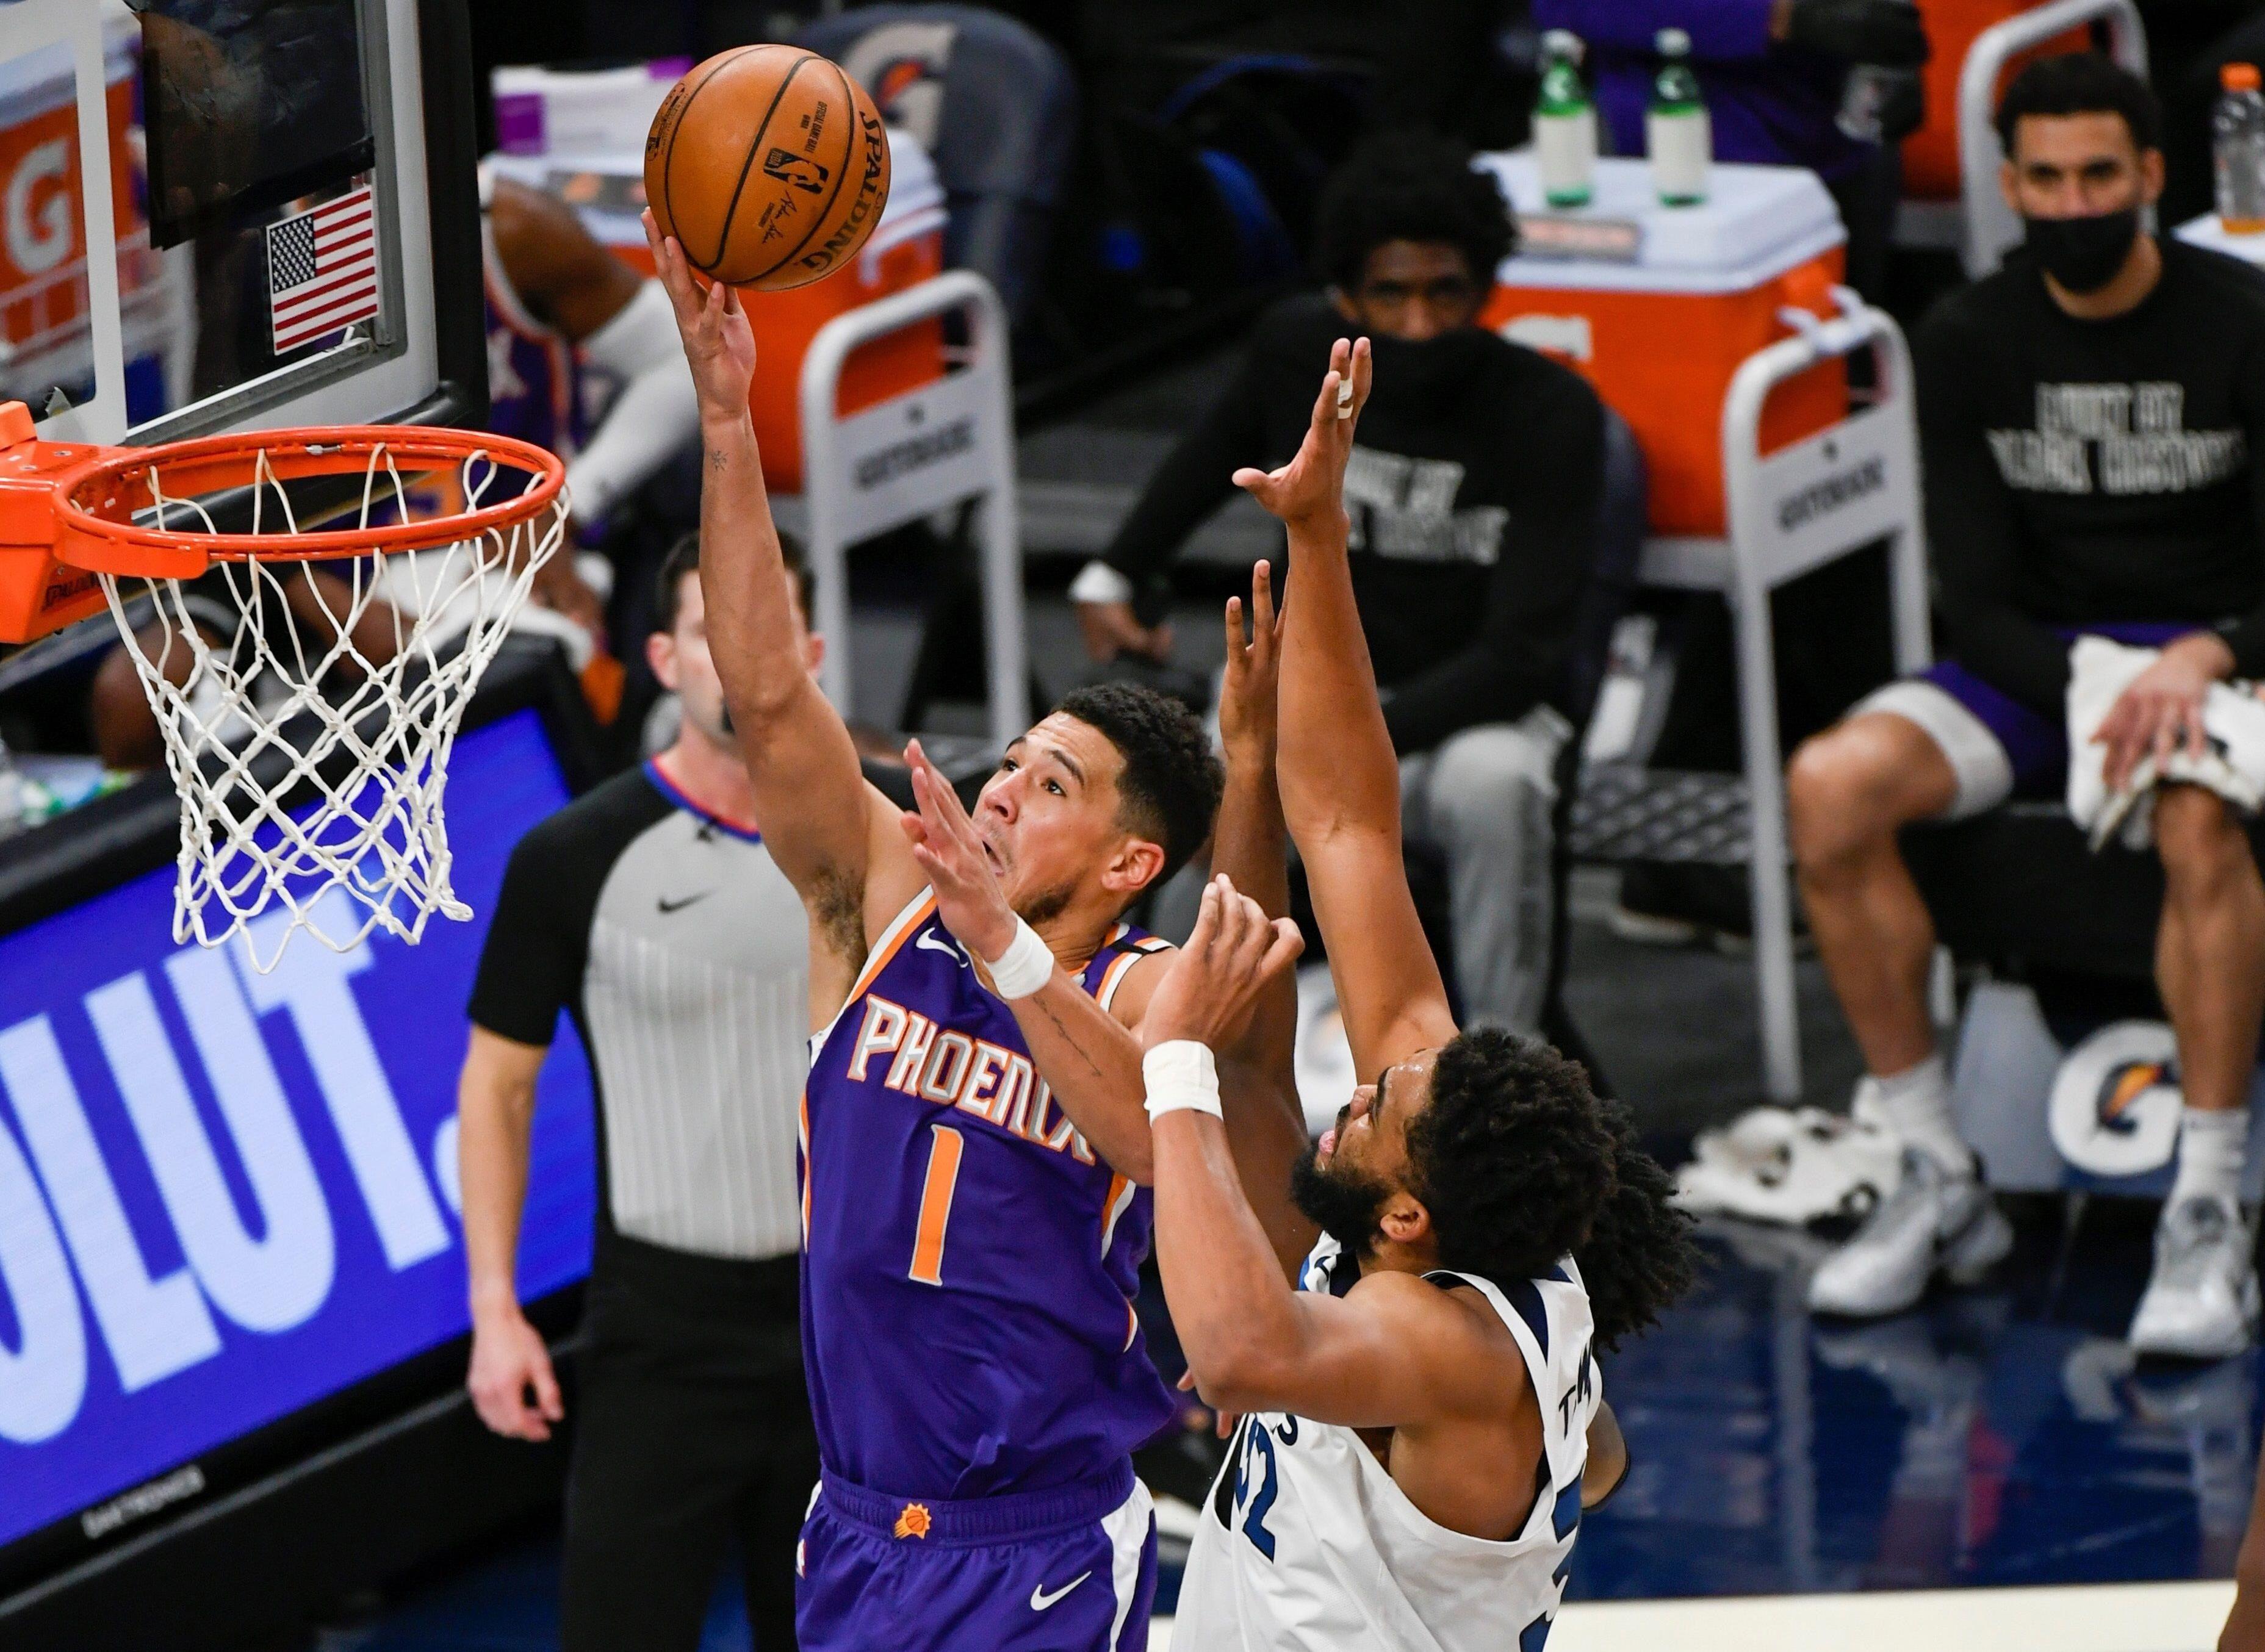 Devin Booker (c), escolta hispano de los Suns de Phoenix, fue registrado este domingo al atacar el aro que defiende Karl Anthony Towns (d), de los Timberwolves de Minnesota, durante un partido de la NBA, en el Target Center stadium de Minneapolis (Minnesota, EE.UU.). EFE/Craig Lassig